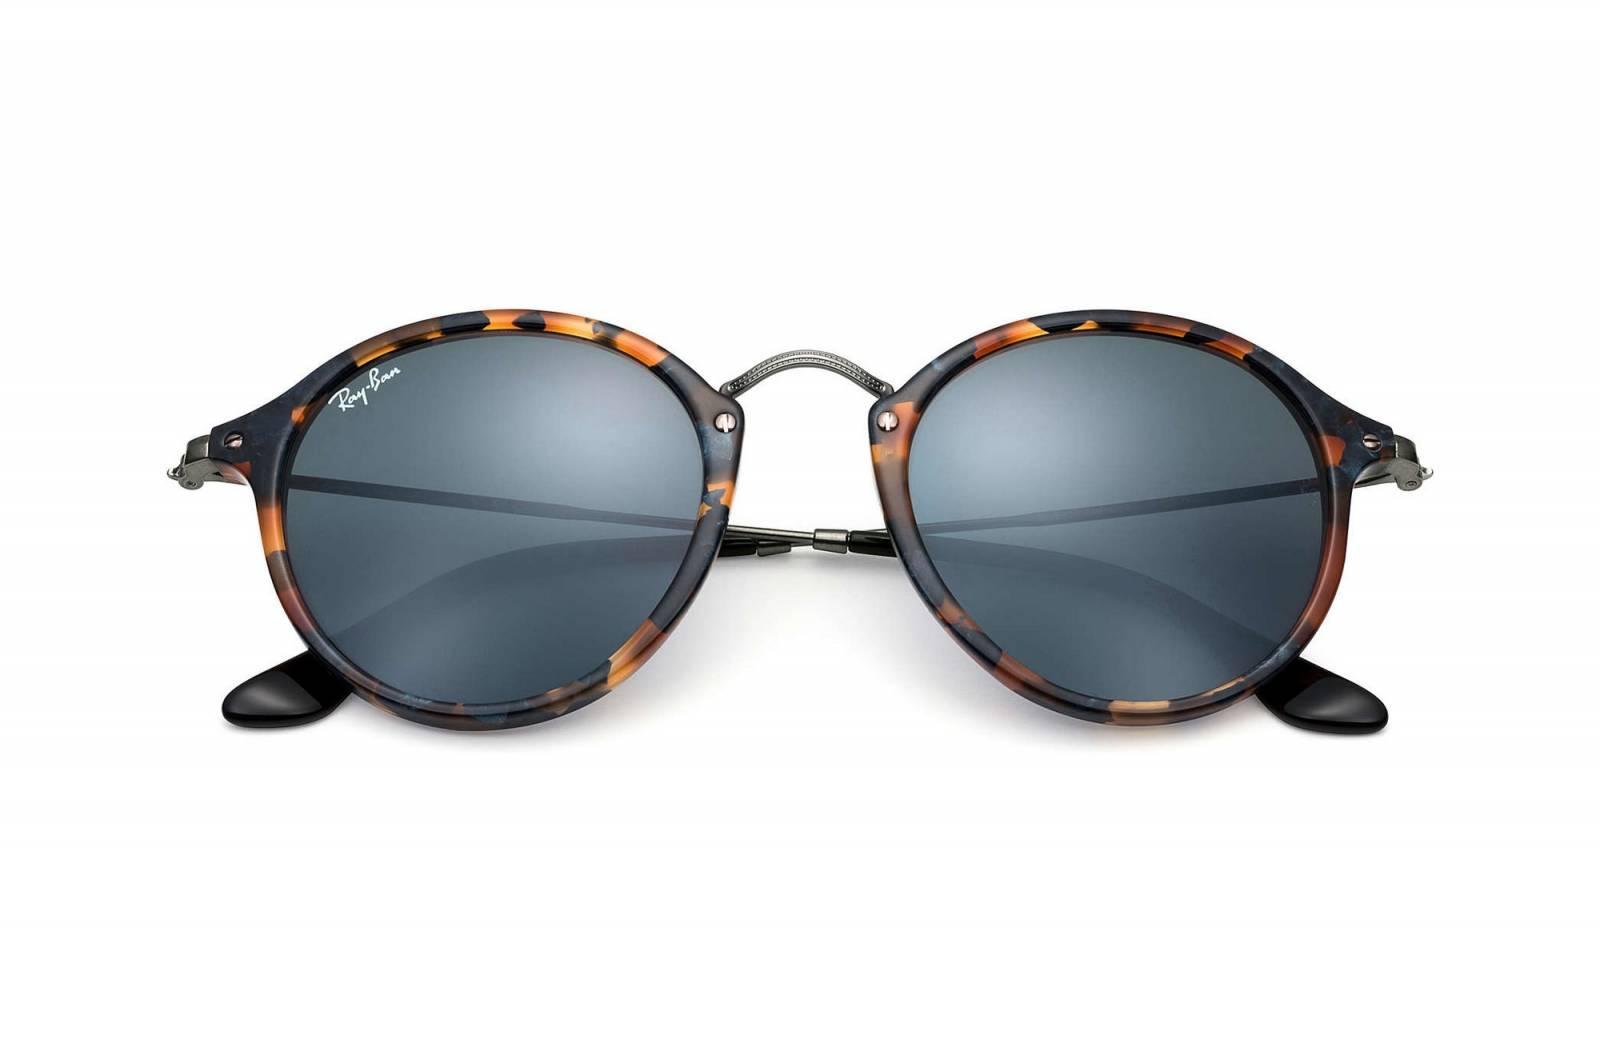 o acheter des lunettes de marques rayban solaire le havre 76600 thiers optique. Black Bedroom Furniture Sets. Home Design Ideas